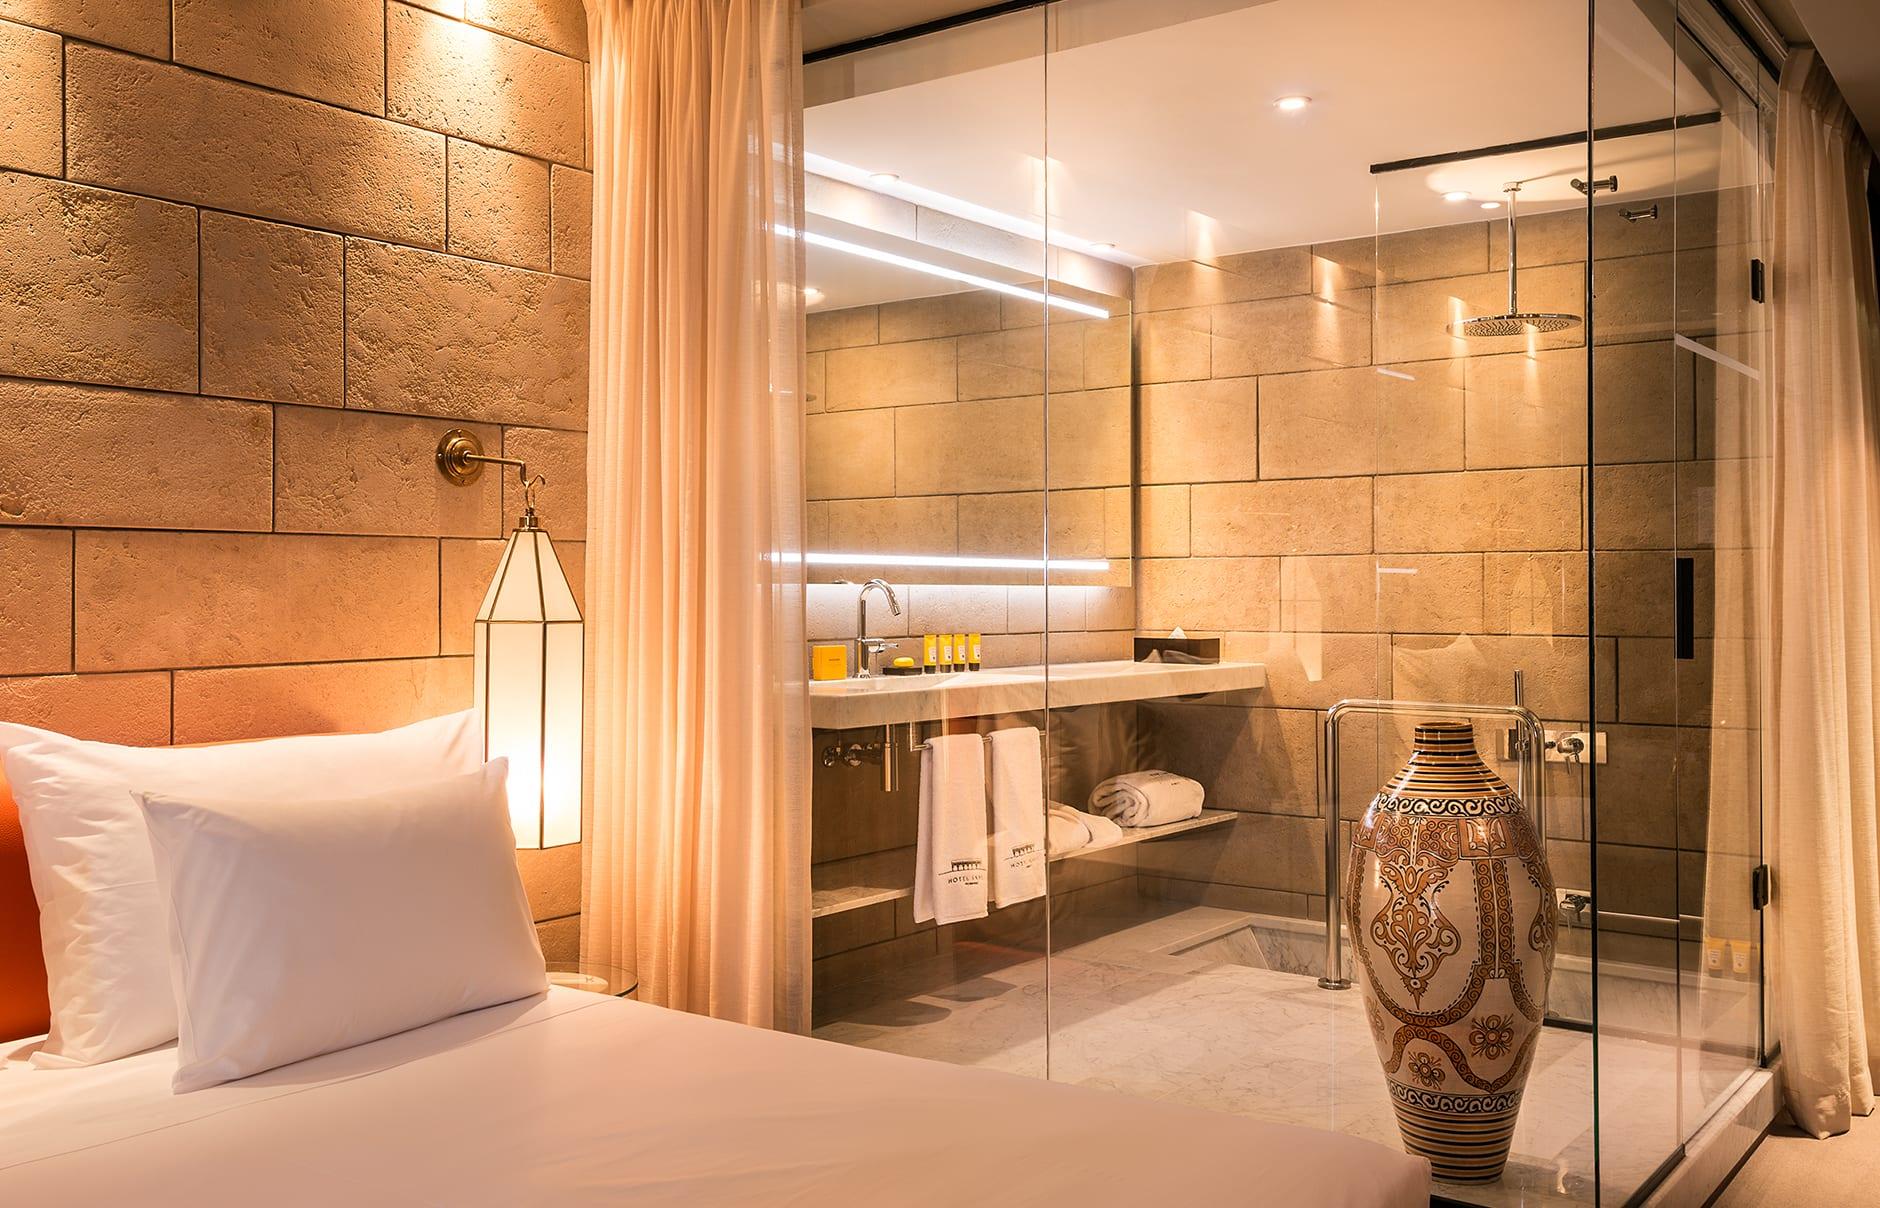 Slaapkamer Inspiratie Oosters : Slaapkamer lampen ~ beste ideen over huis en interieur